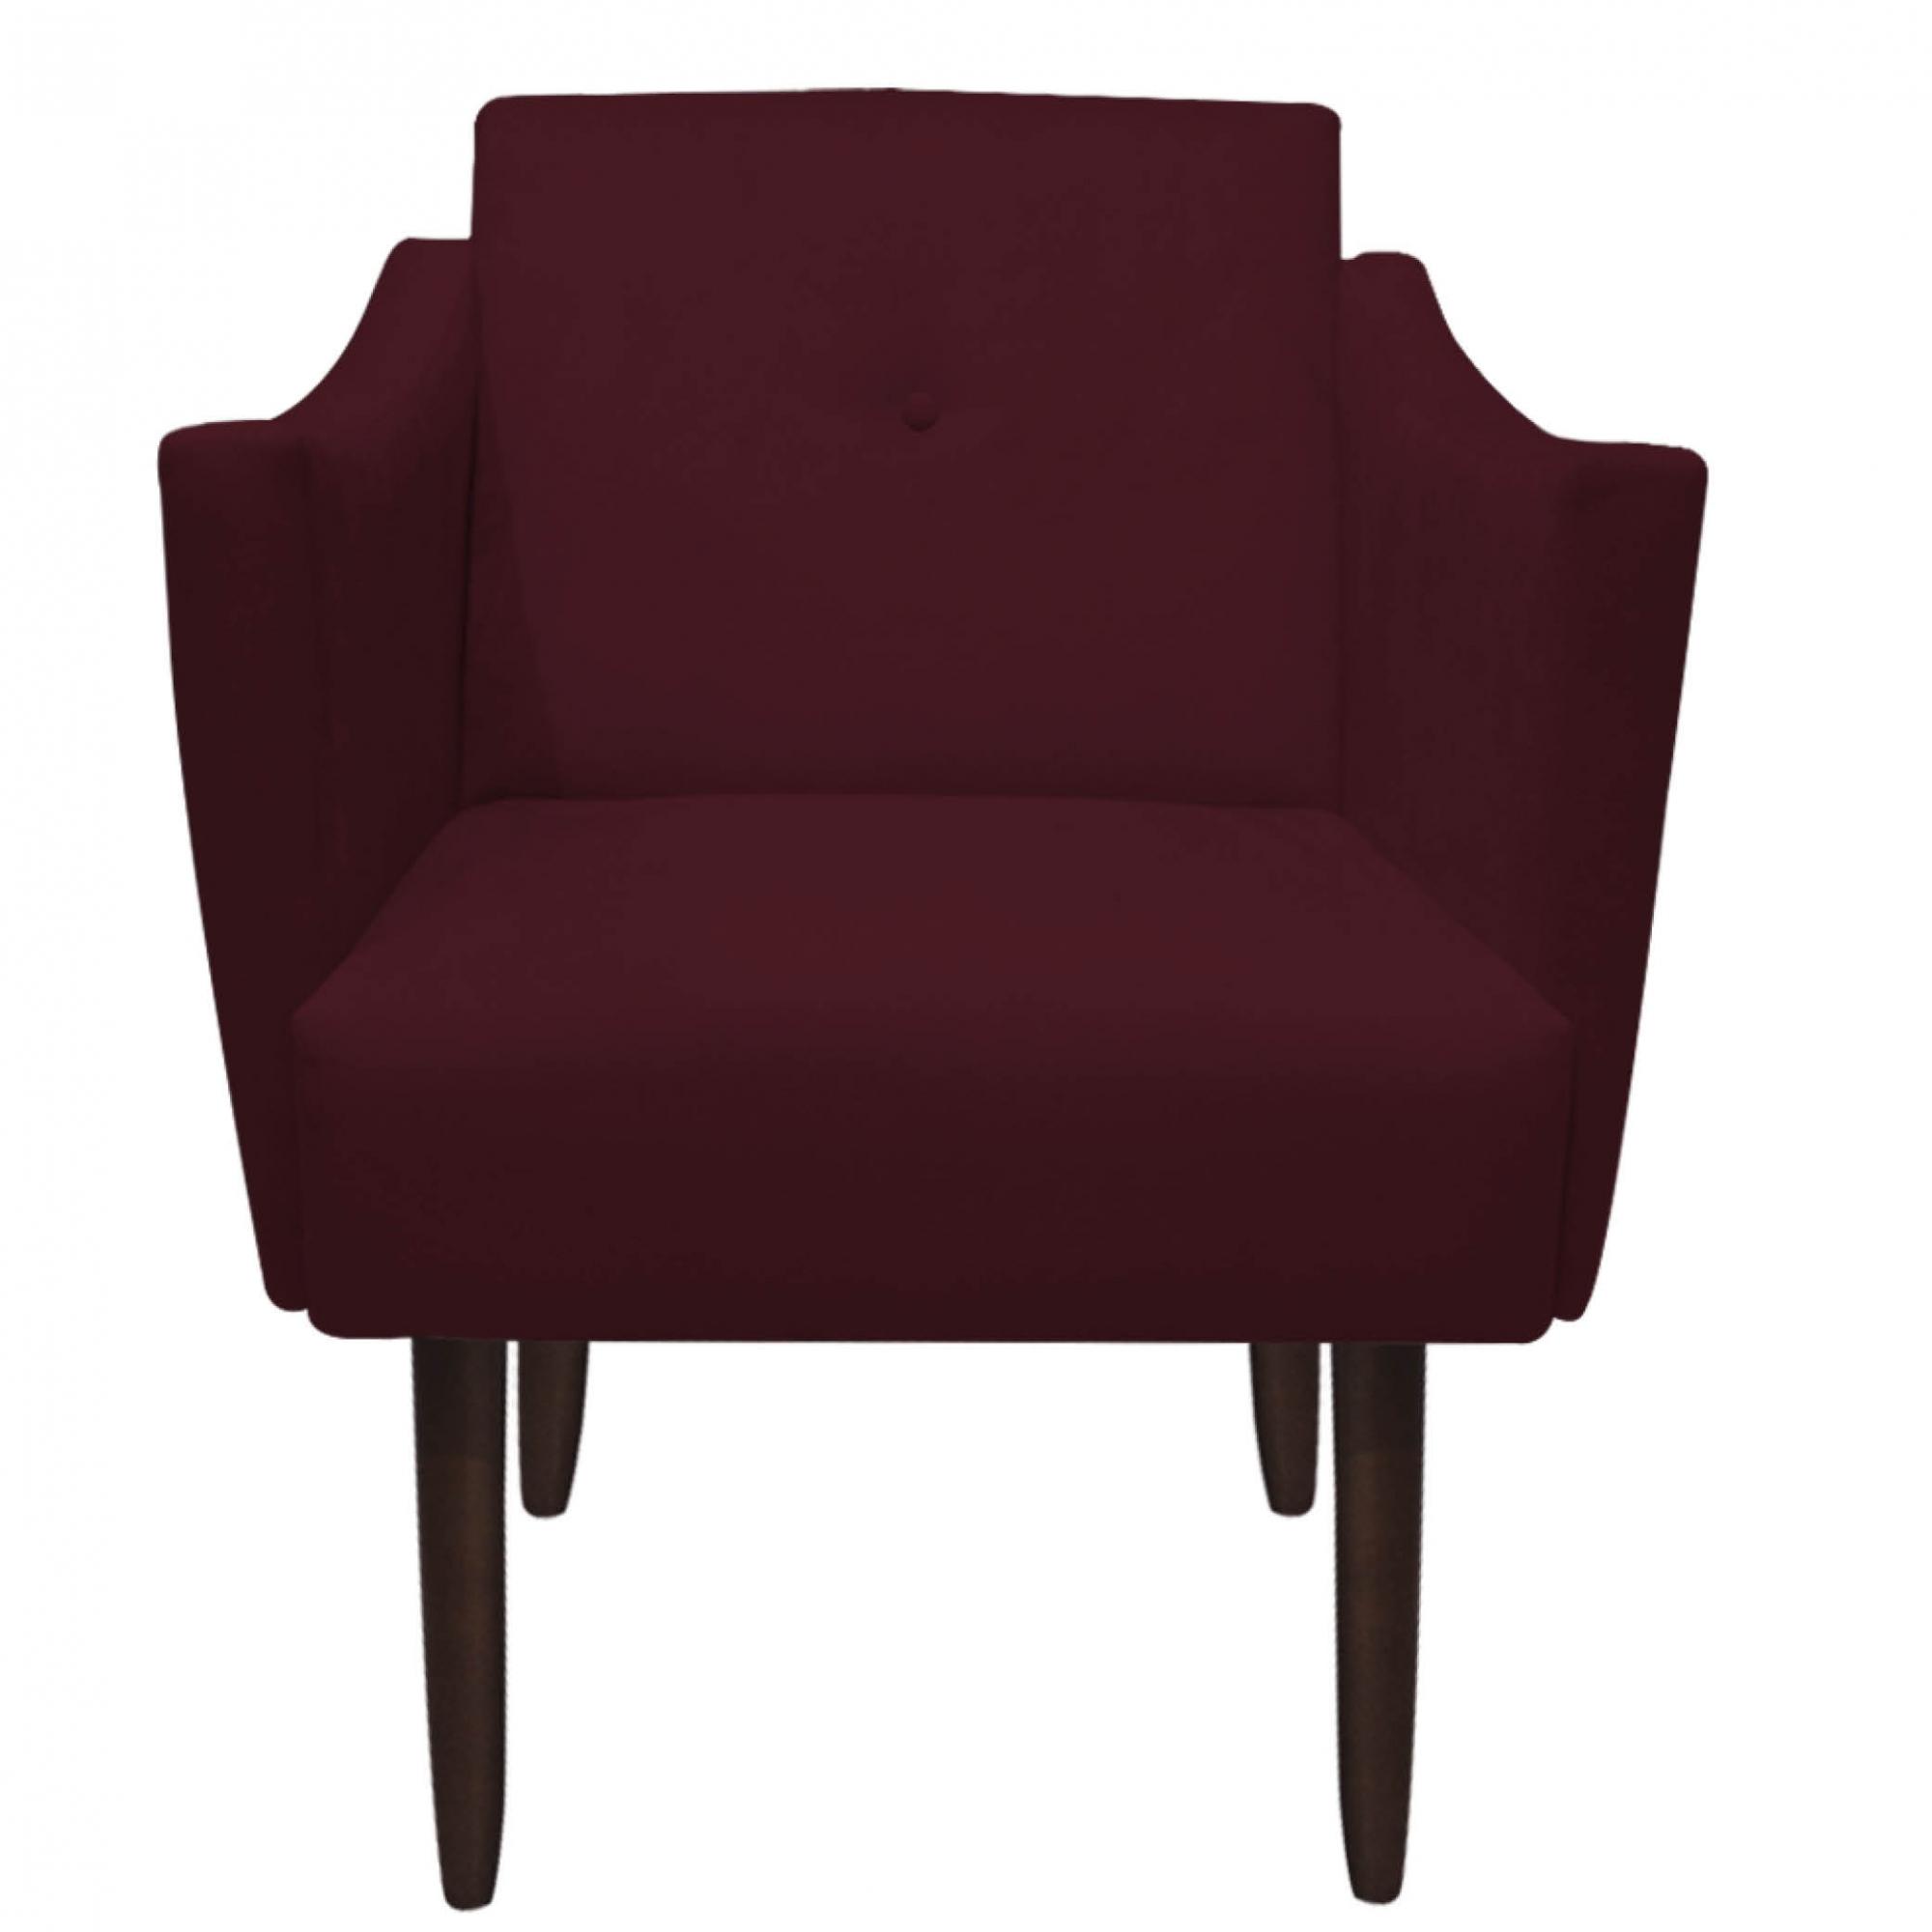 Poltrona Naty Decoração Clínica Salão Cadeira Recepção Escritório Sala Estar D'Classe Decor Suede Marsala